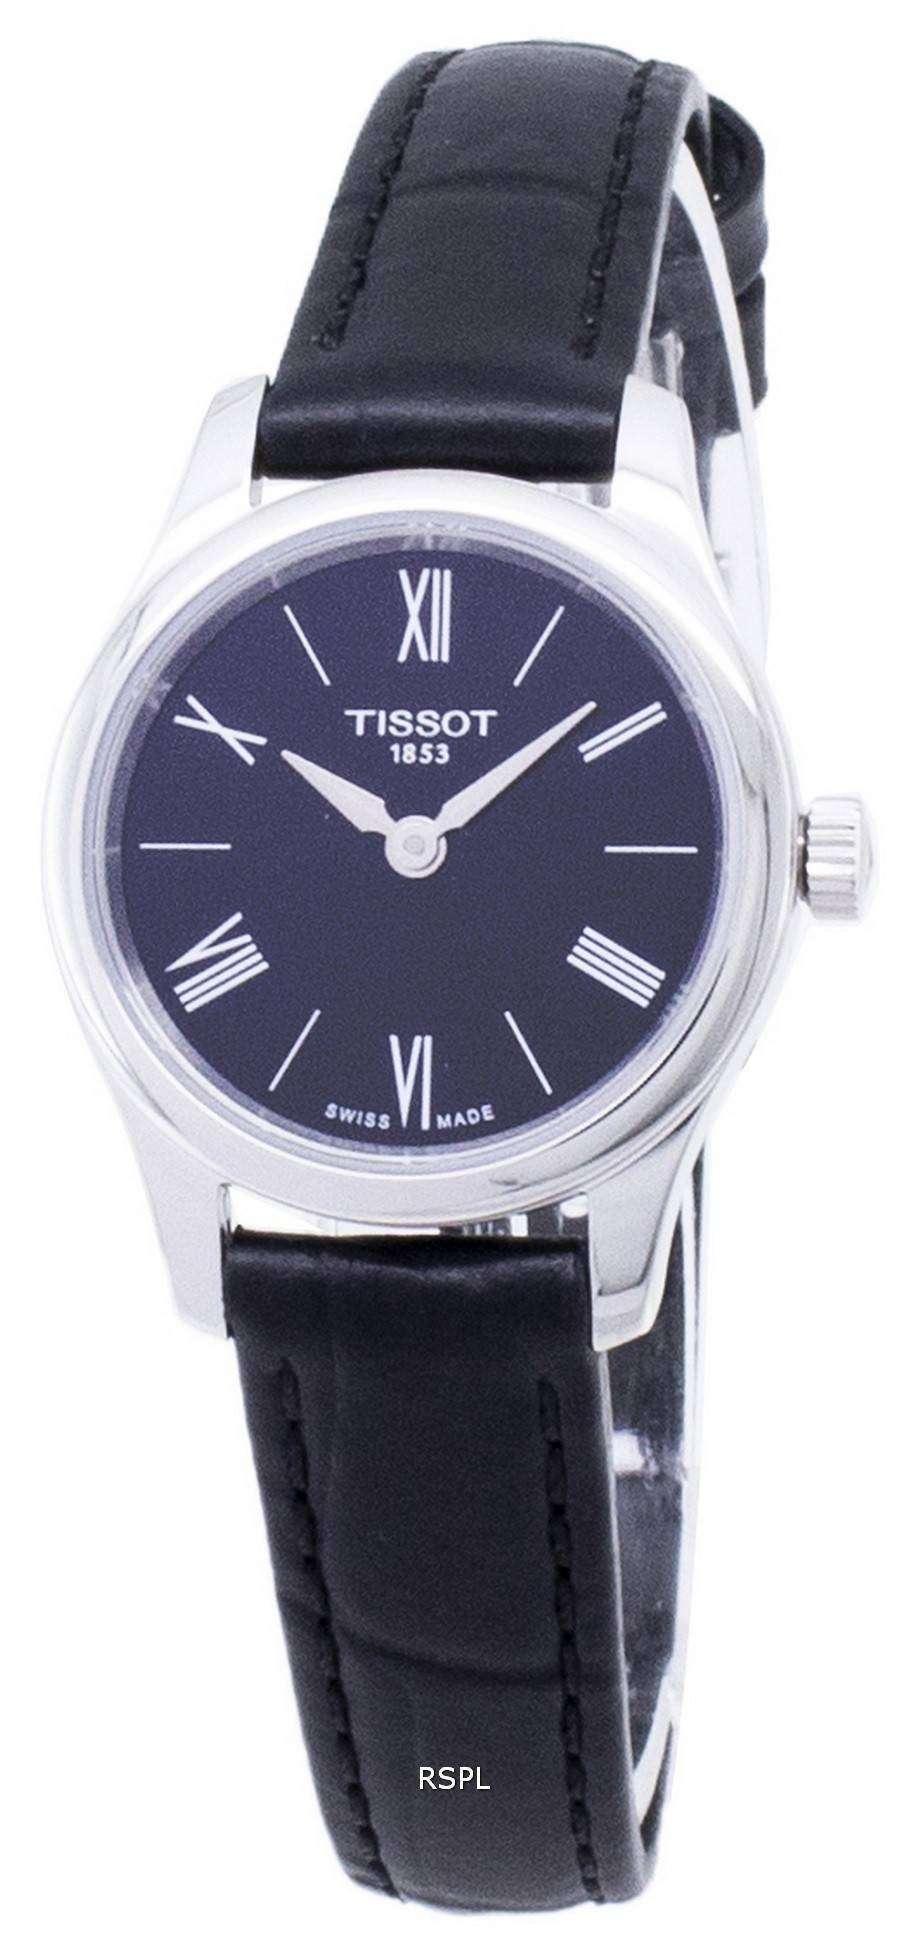 ティソ T-古典的な伝統 5.5 T063.009.16.058.00 T0630091605800 クオーツ レディース腕時計